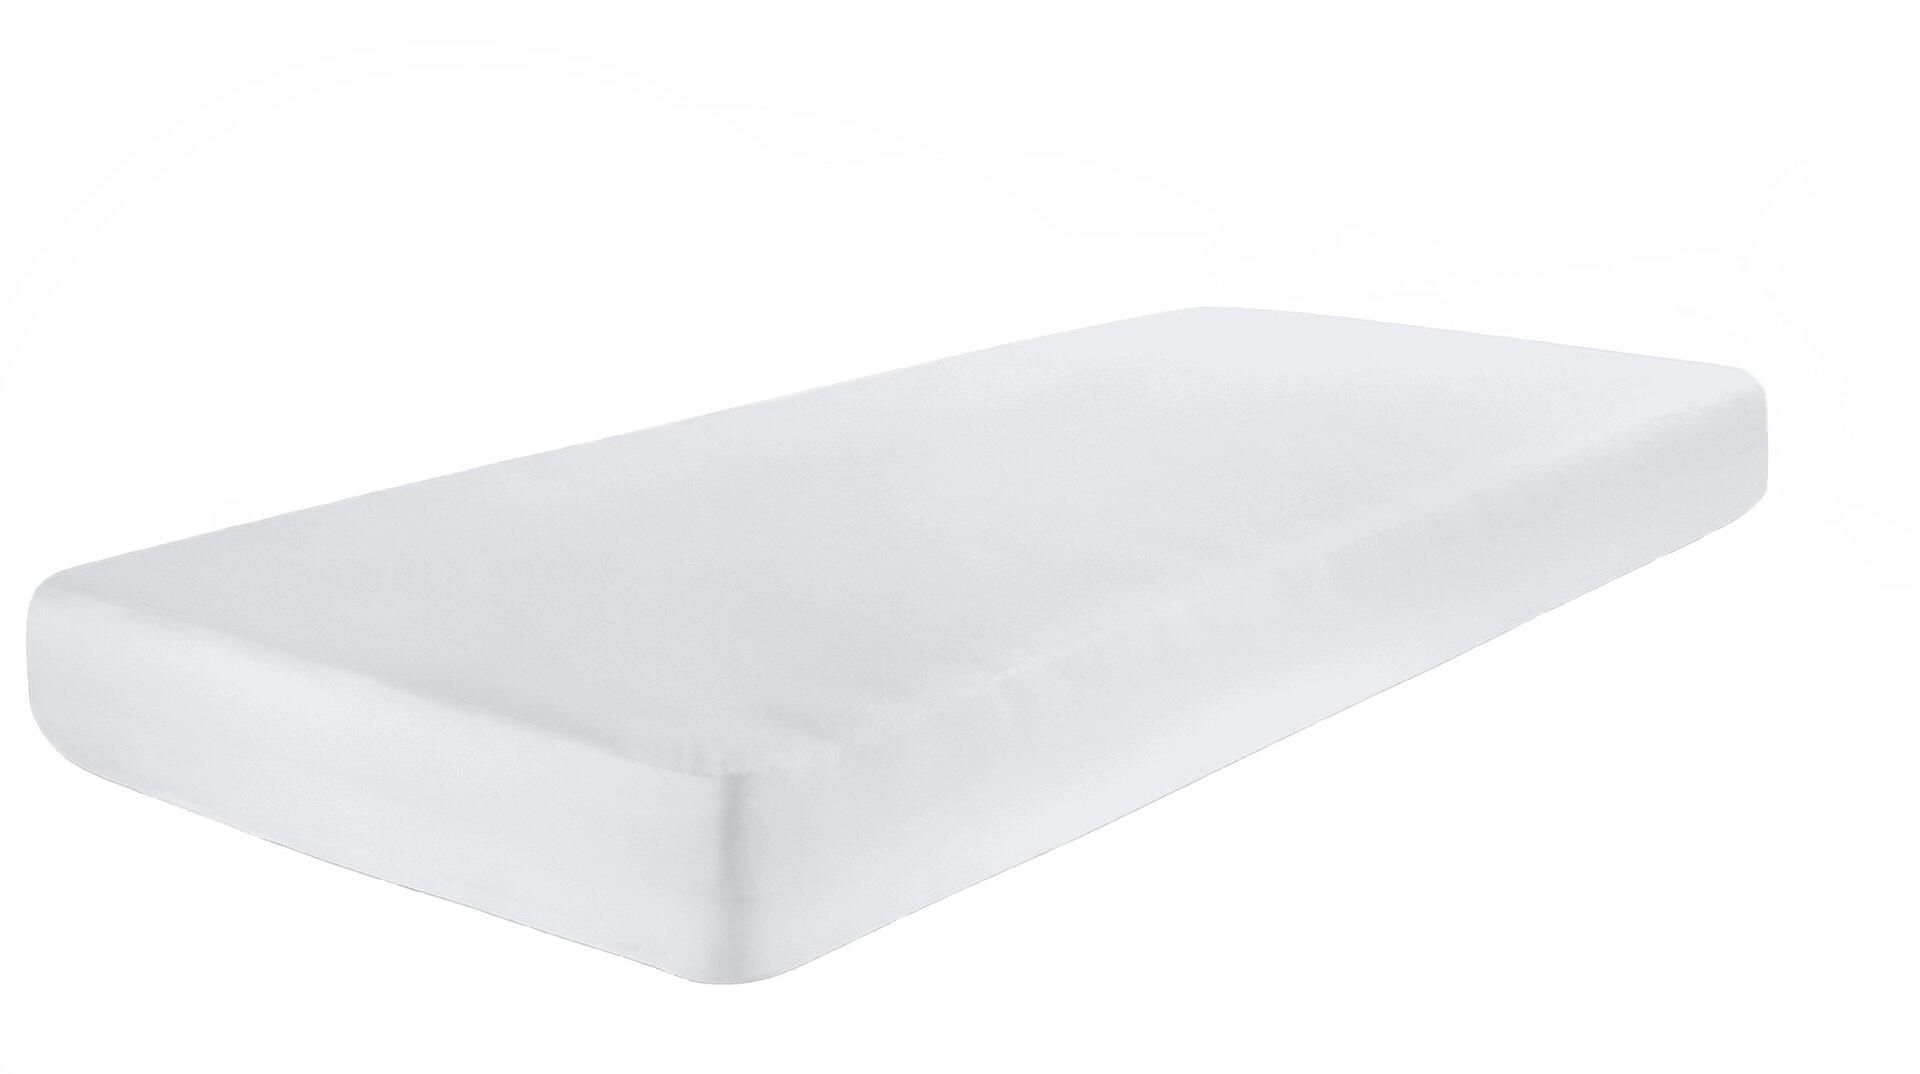 Elastan Jersey Boxspring-Spannbetttuch Pro Night Textil weiß 1 x 2 cm